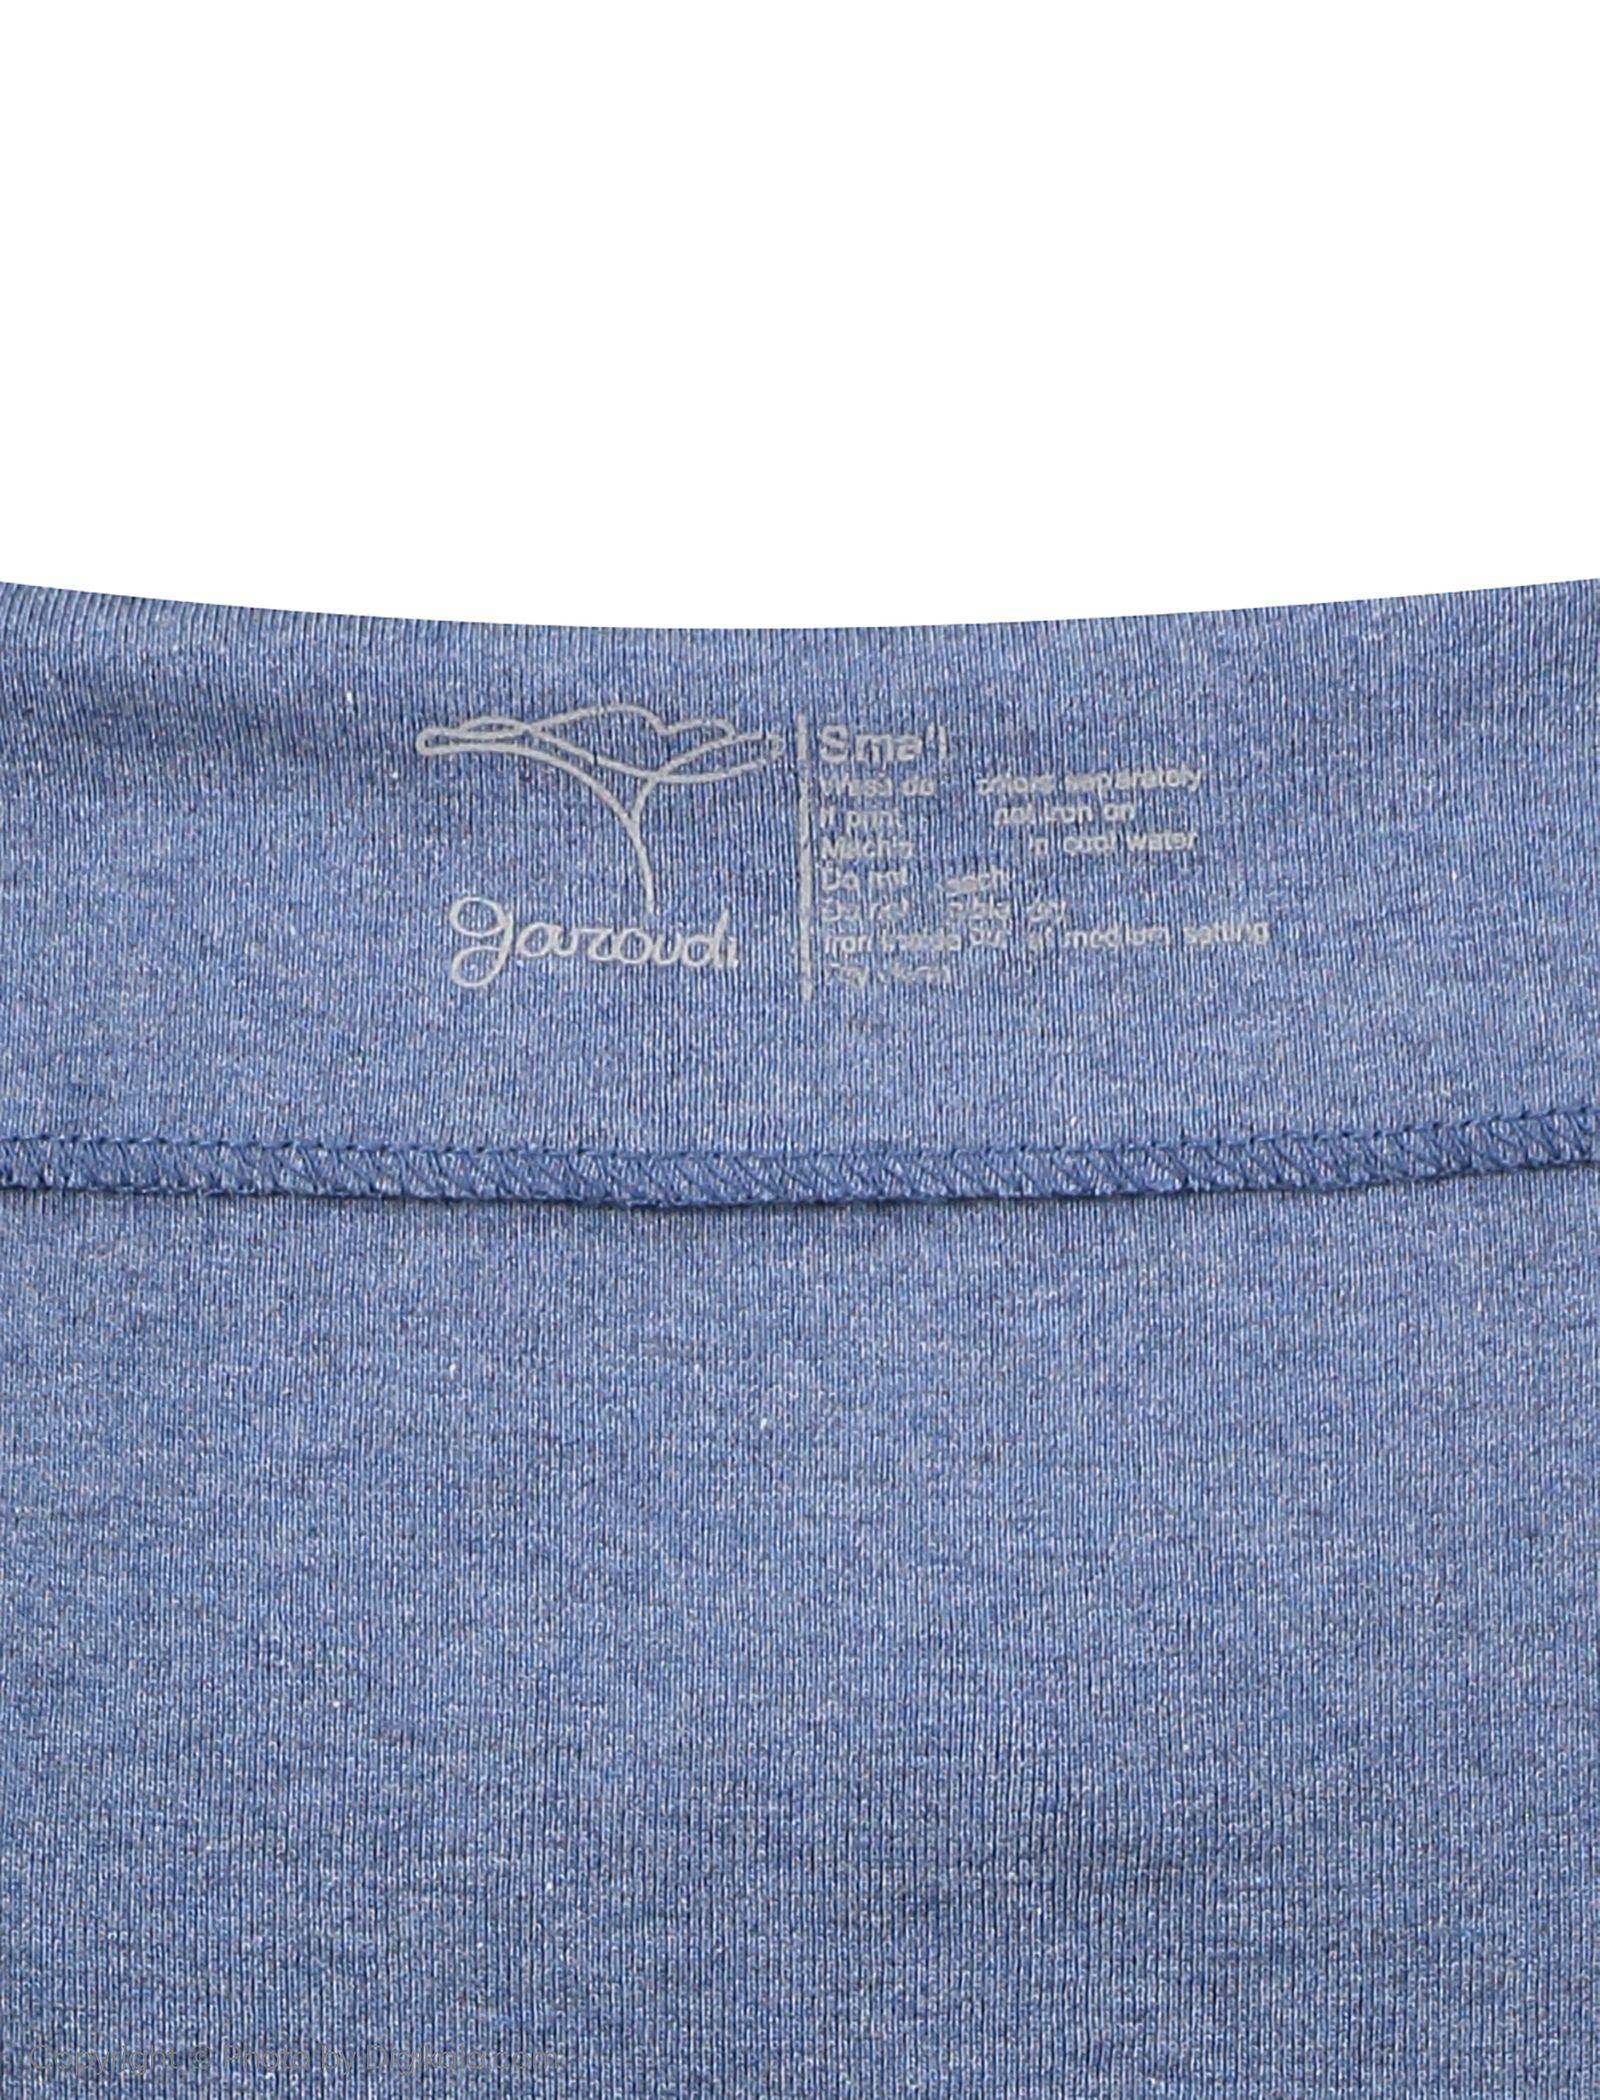 تی شرت زنانه گارودی مدل 1003113012-53 -  - 4